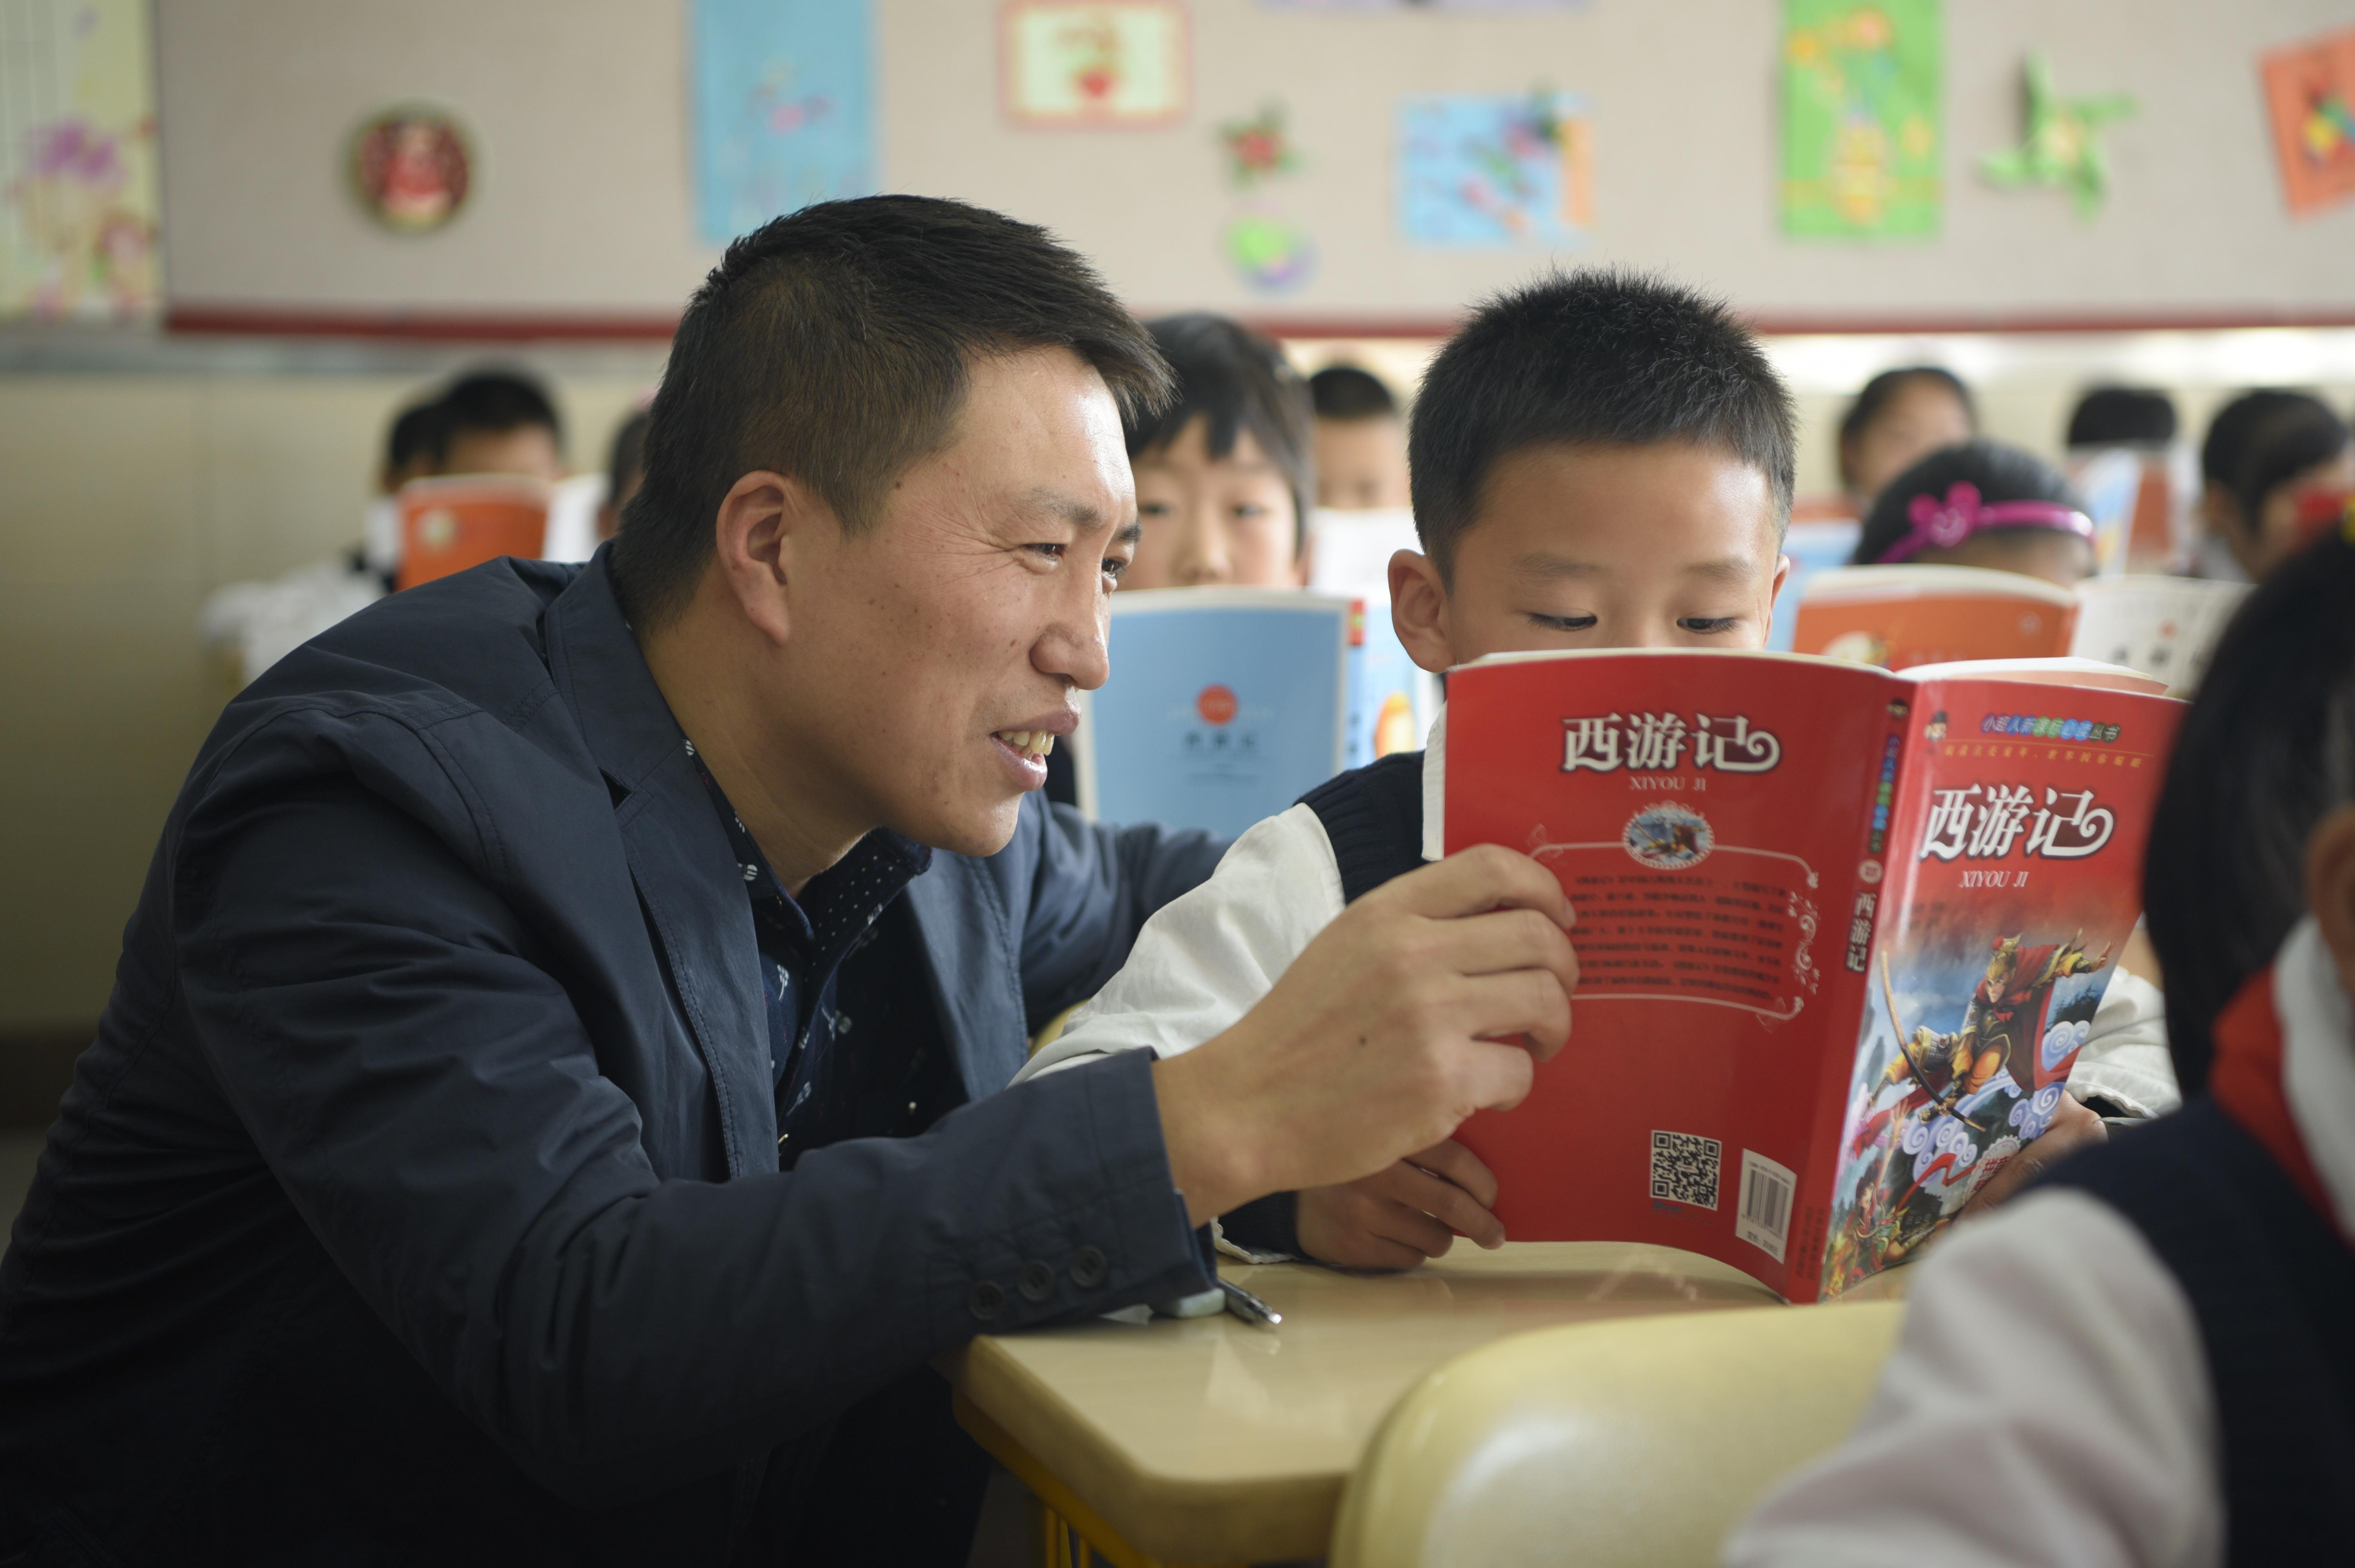 沈阳市浑南区白塔小学党支部 | 办好玩的学校 育会玩的孩子